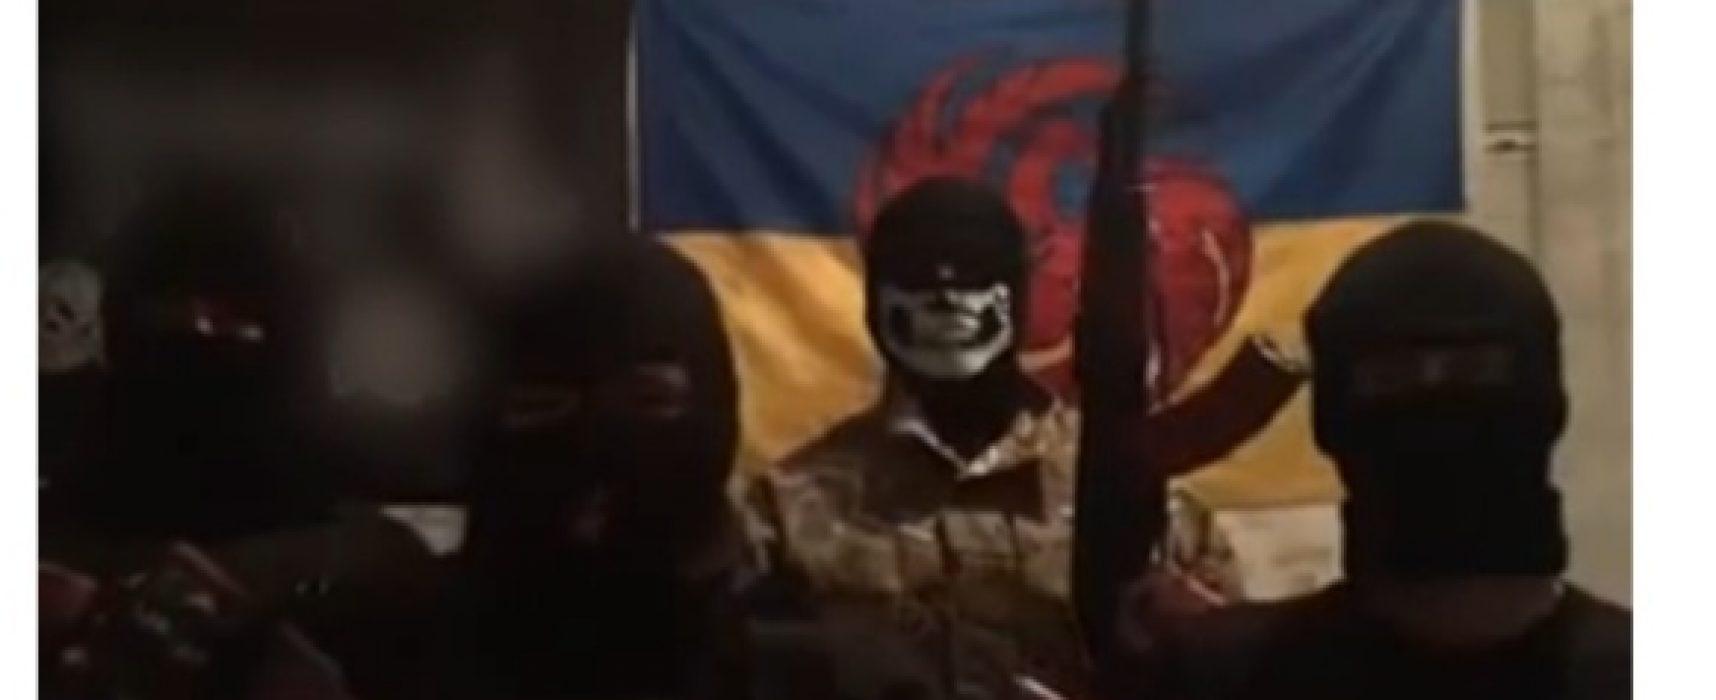 Фейк: Видеобращение  «убийц-фашистов» Моторолы